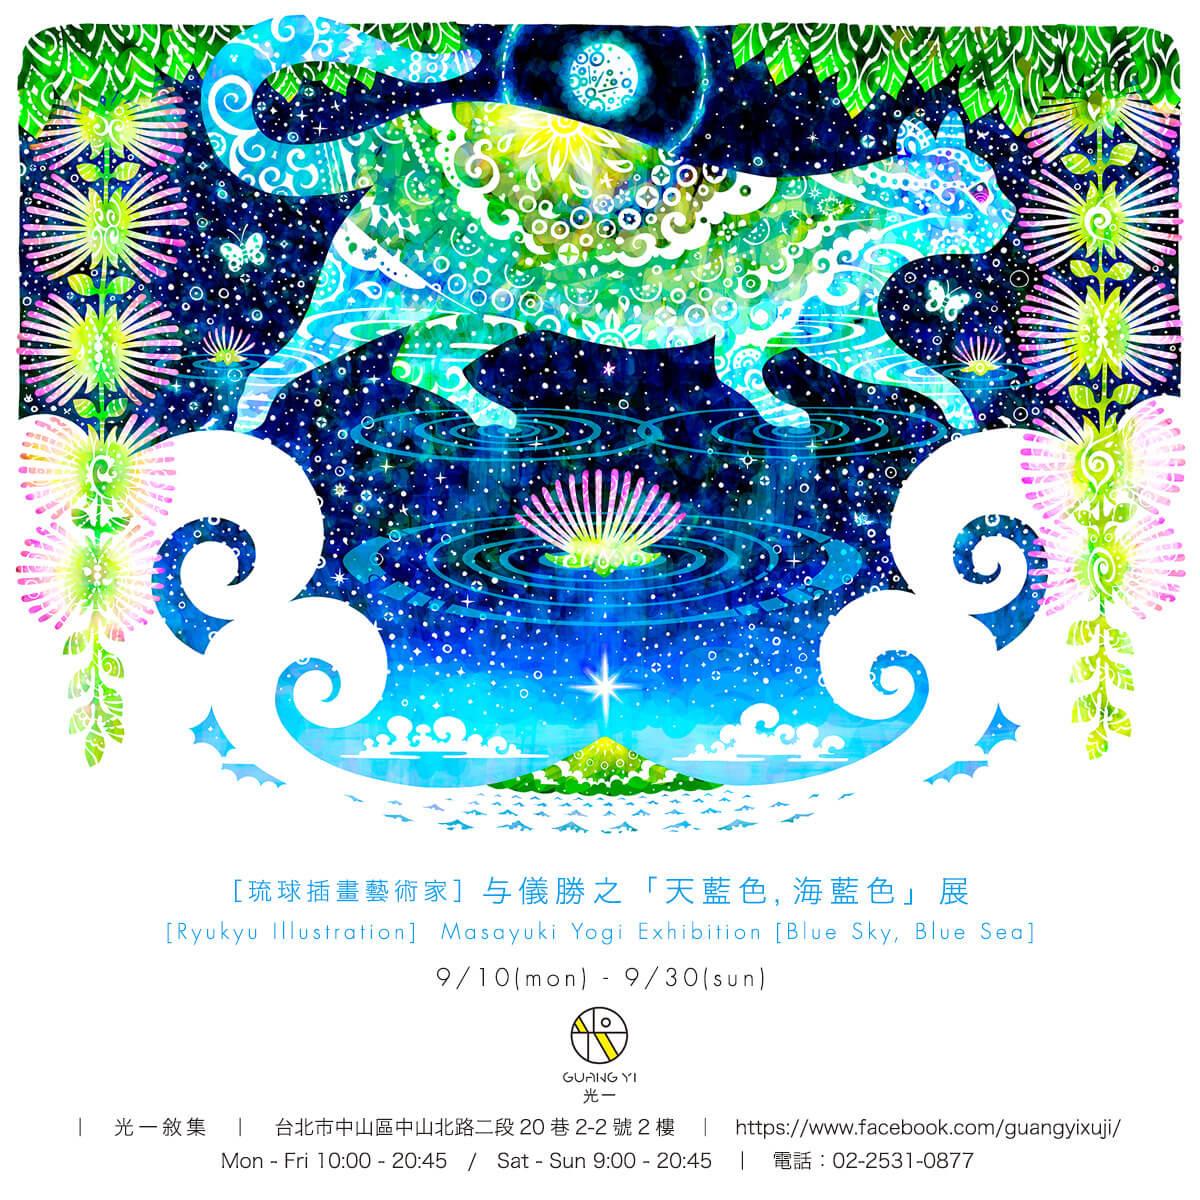 台湾個展「天藍色,海藍色」@光一敘集